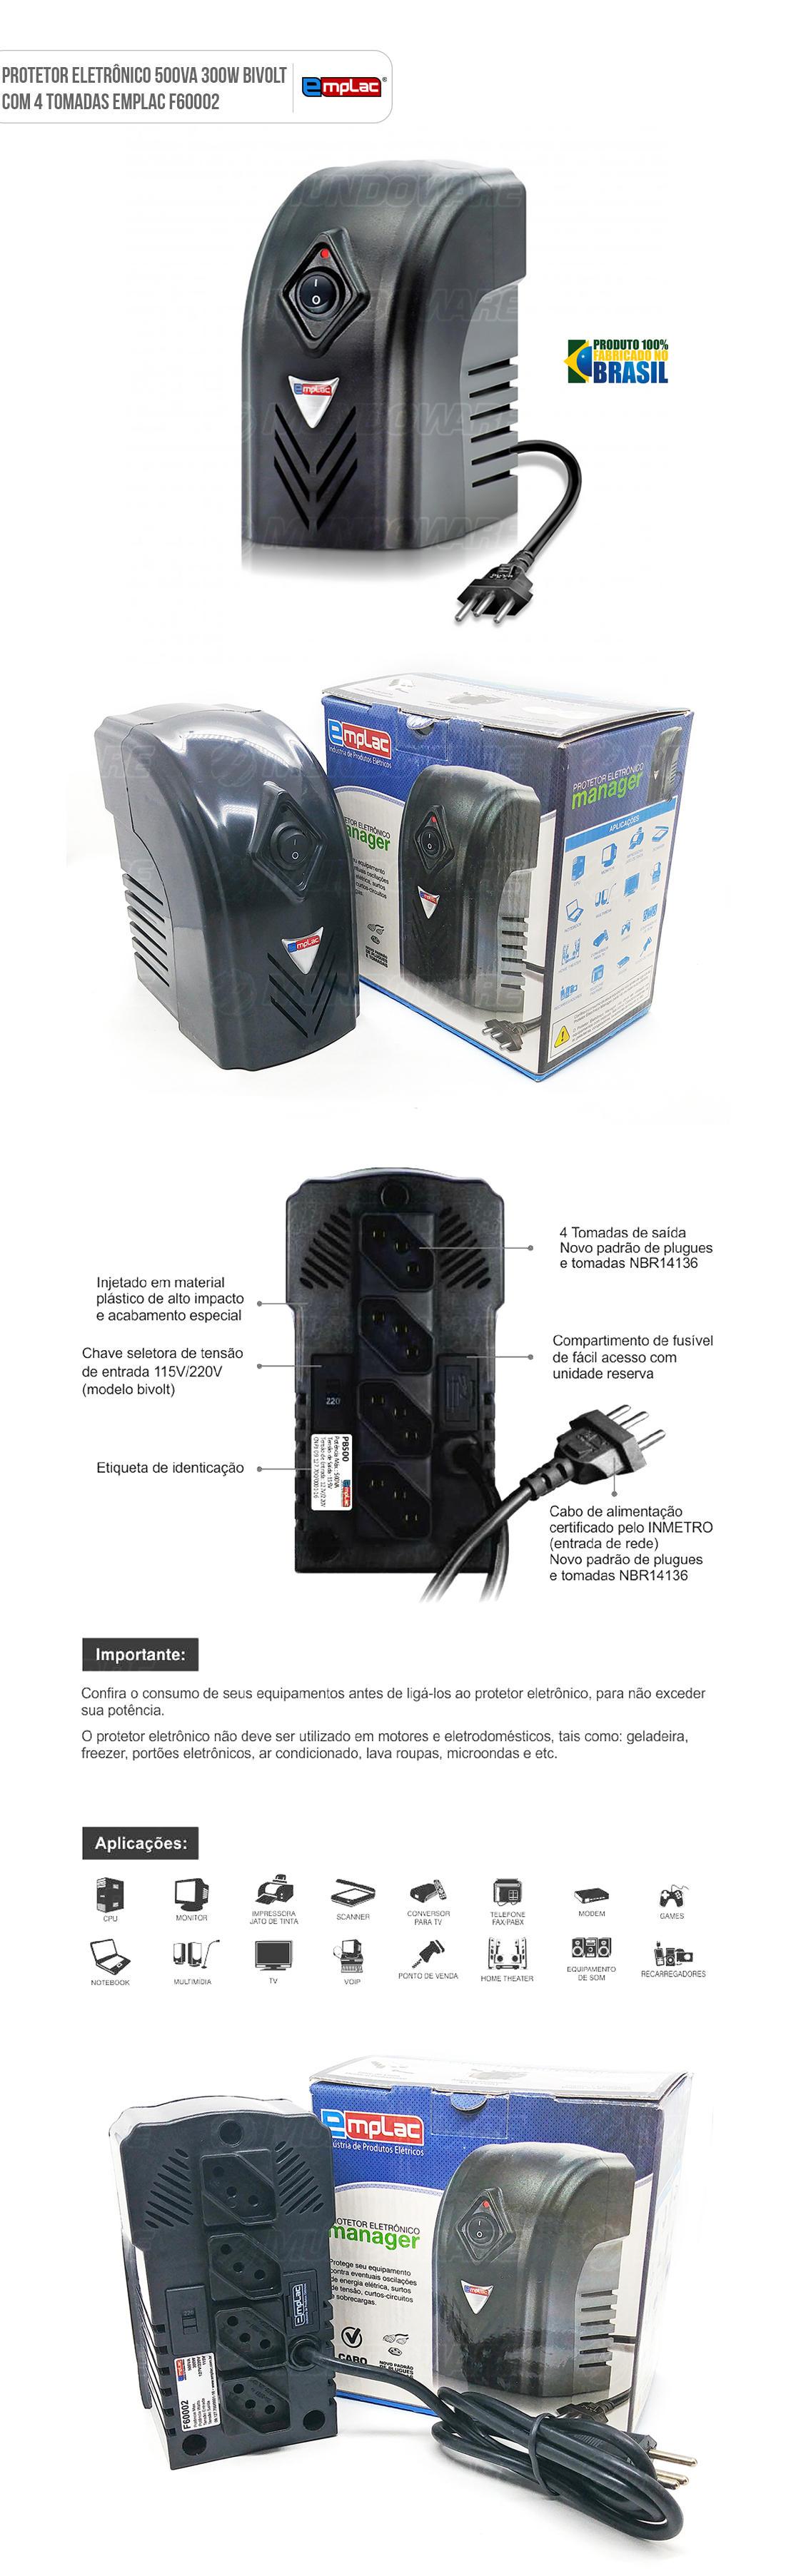 Protetor Eletrônico 500VA 300W 4 Tomadas Bivolt Emplac F60002